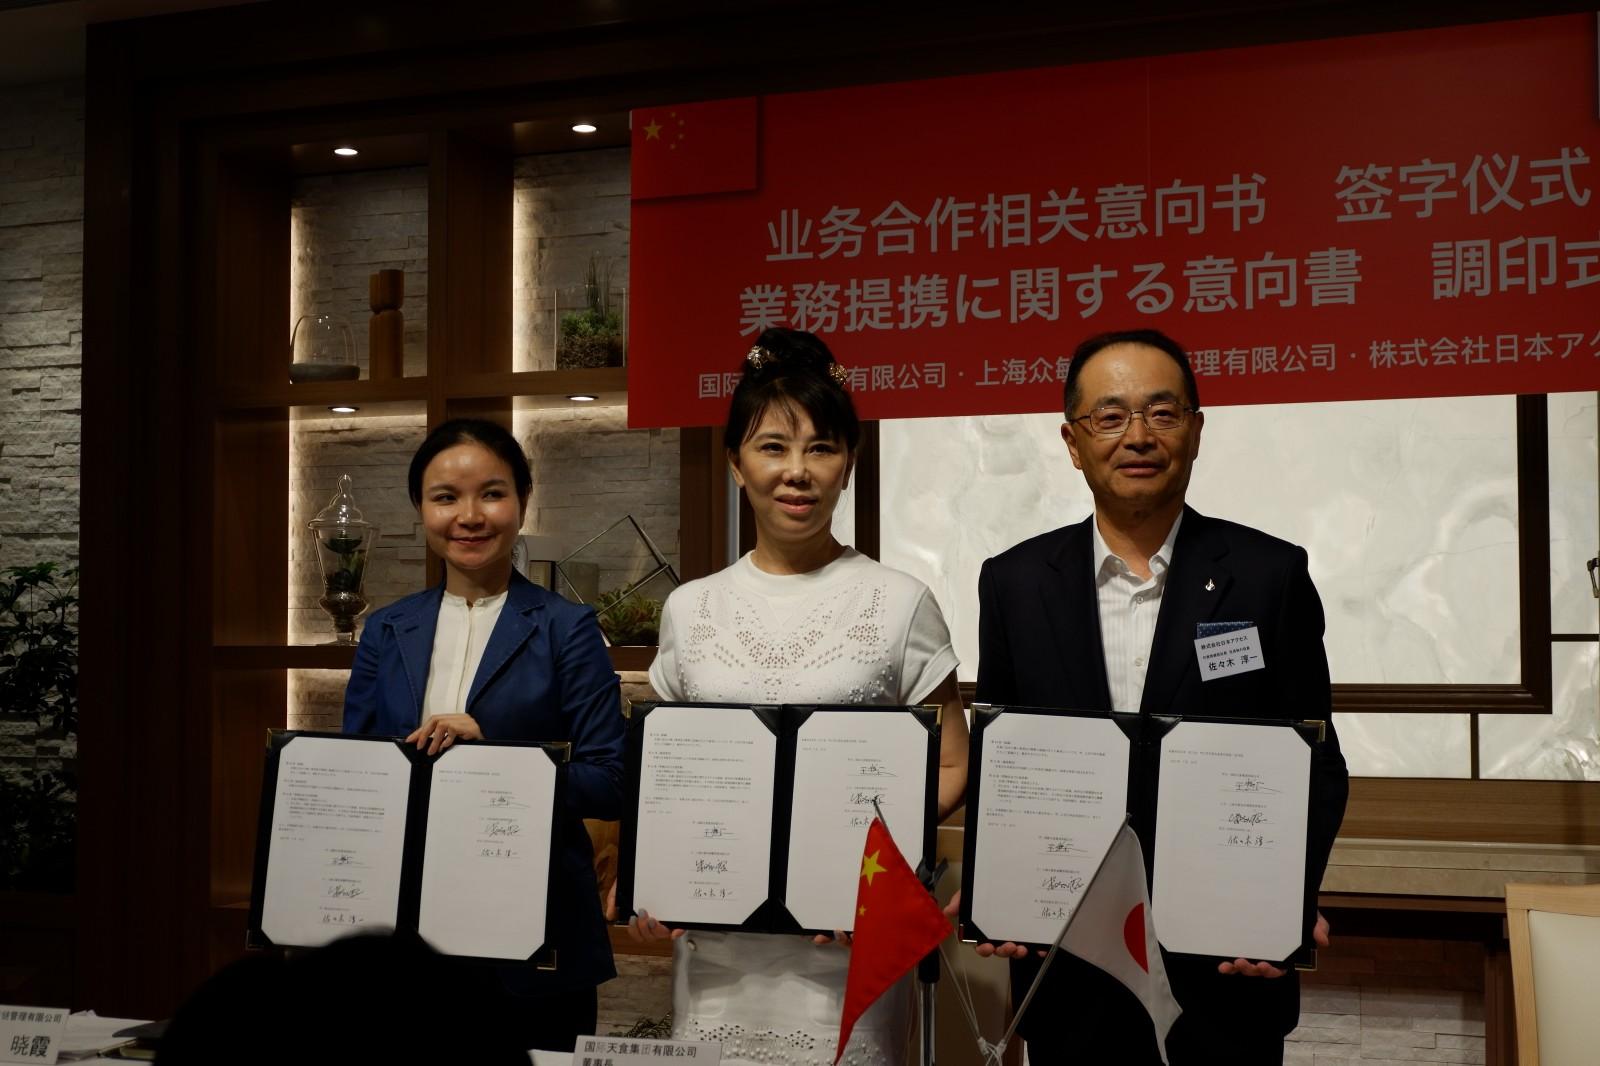 「上海小南国」の中国外食大手が日本食材活用で日本アクセスと業務提携へ